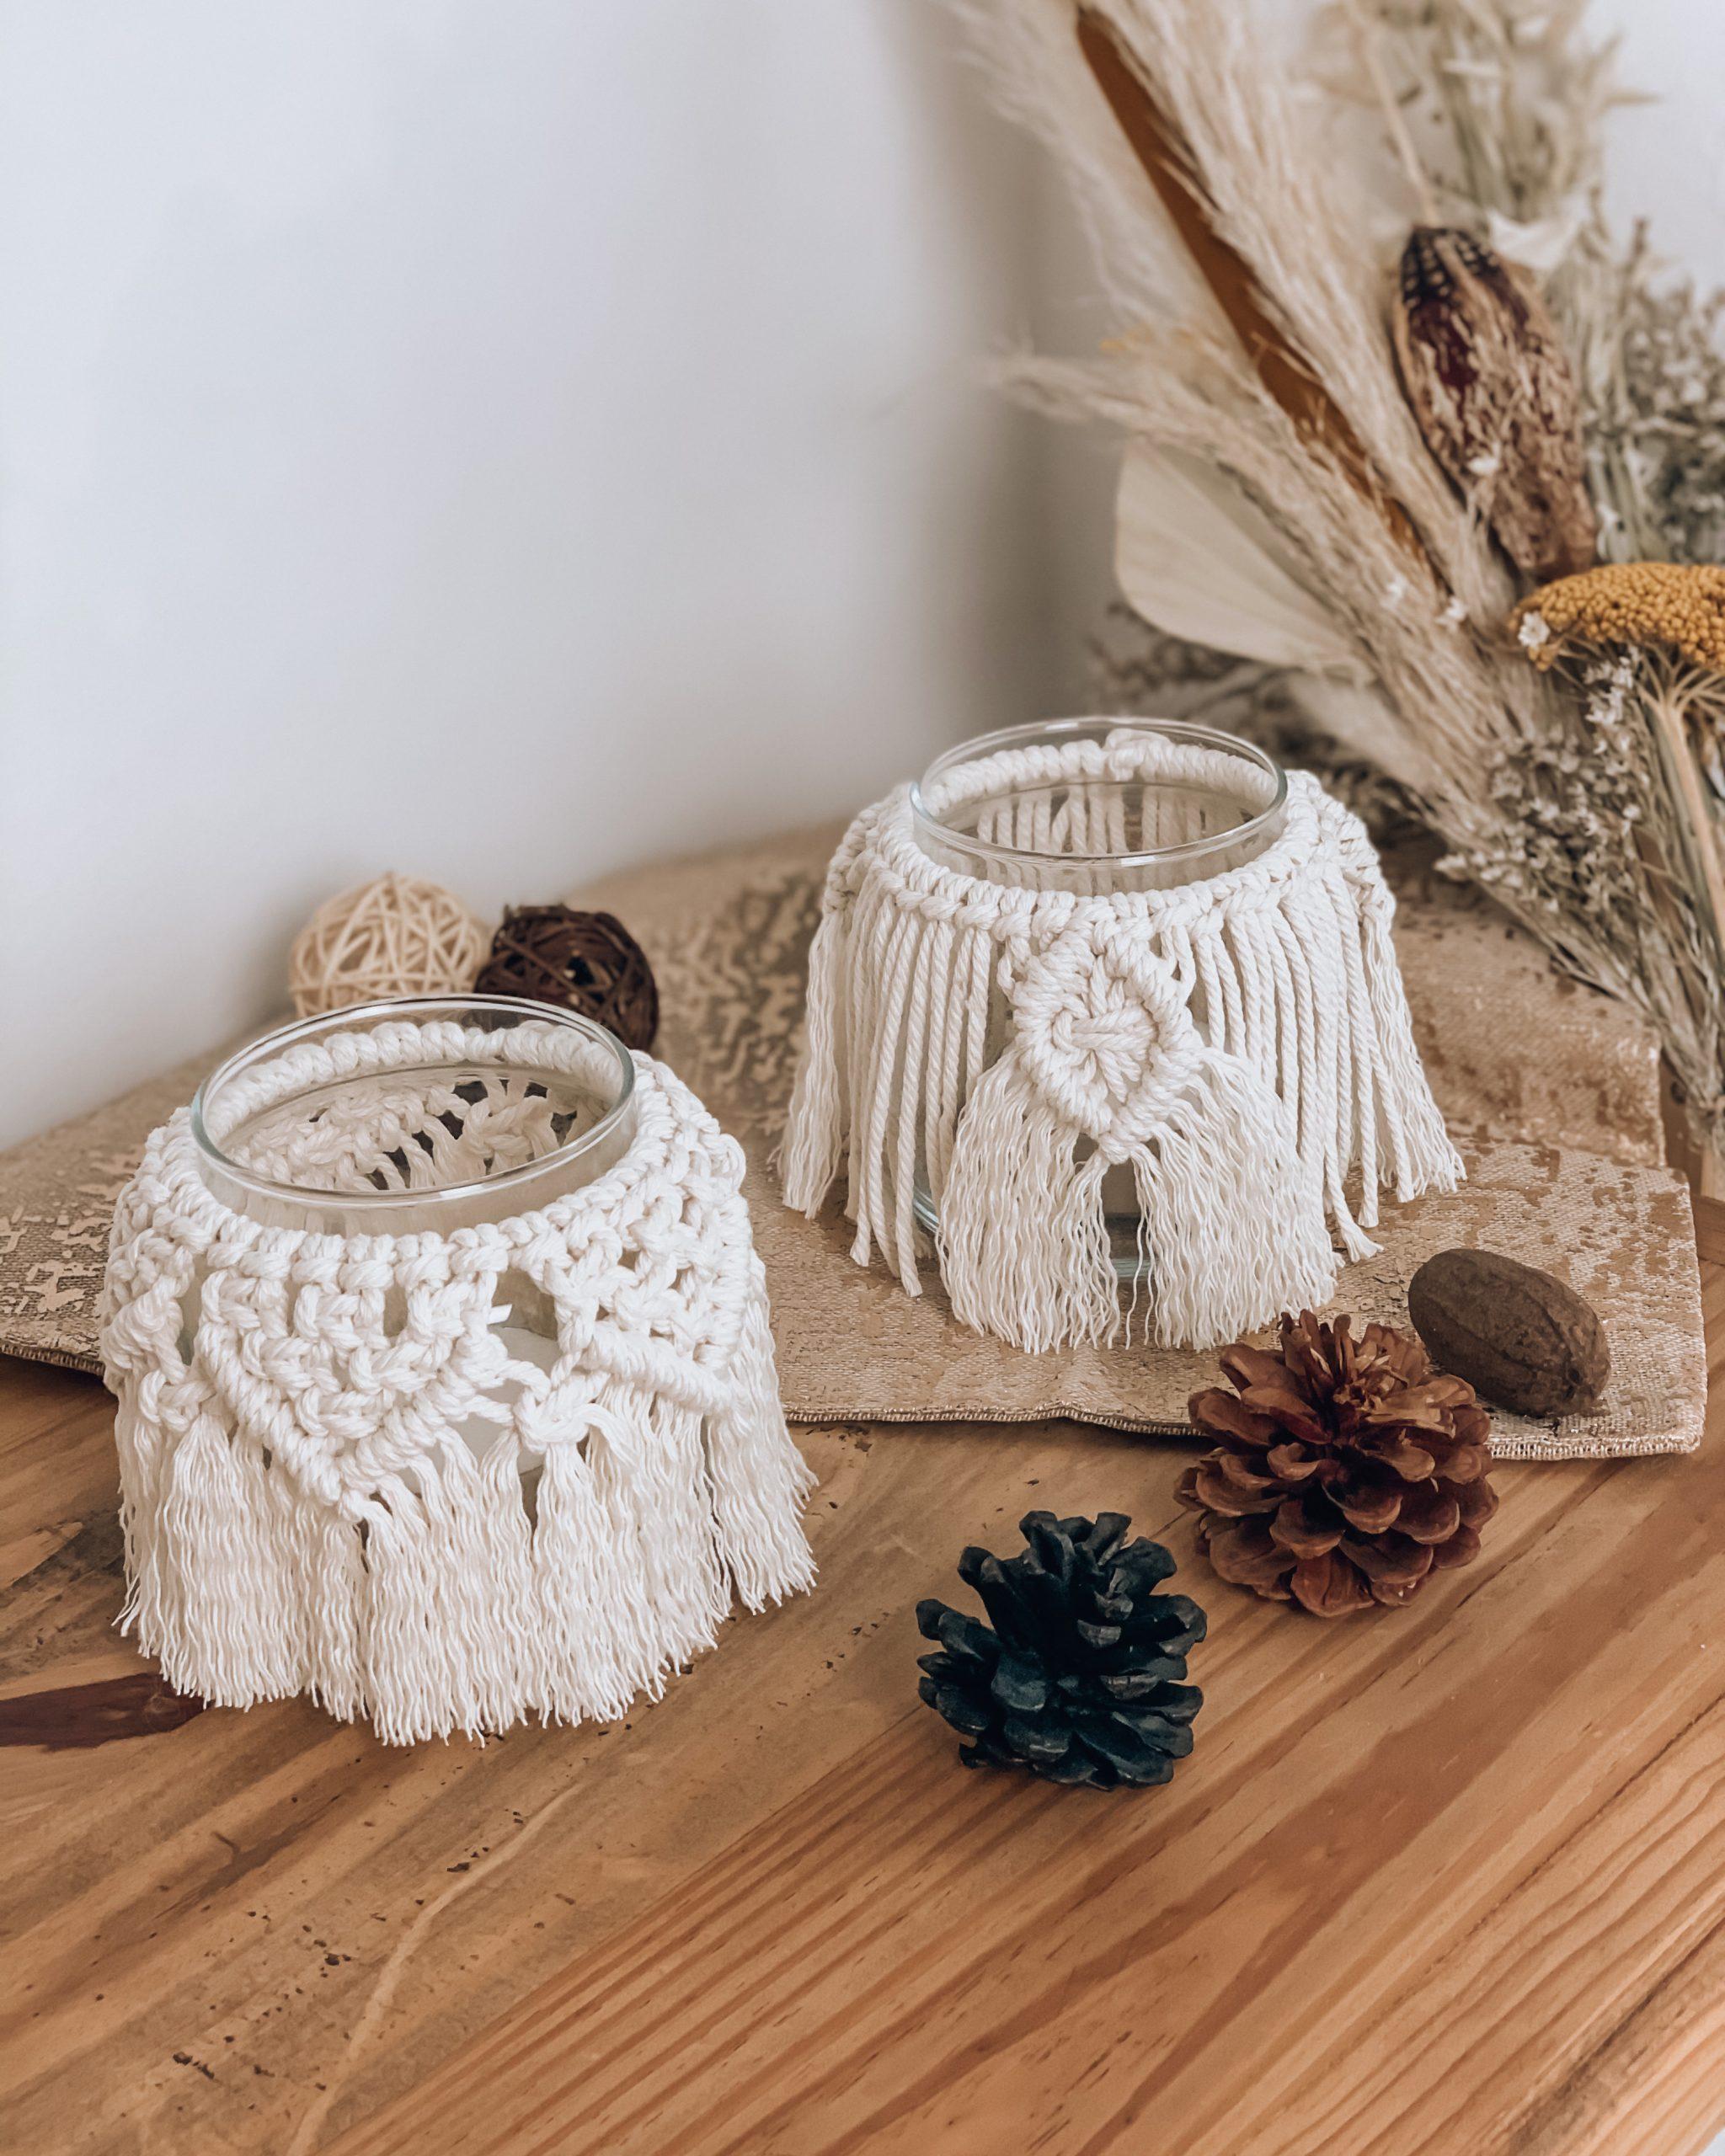 Makramee selber machen - diese Materialen benötigst du für dein Kunstwerk - Makramee DIY - Makramee Materialien - was brauche ich für Makramee - Makramee Projekt - Ladyhandgemacht by Tamara Wagner